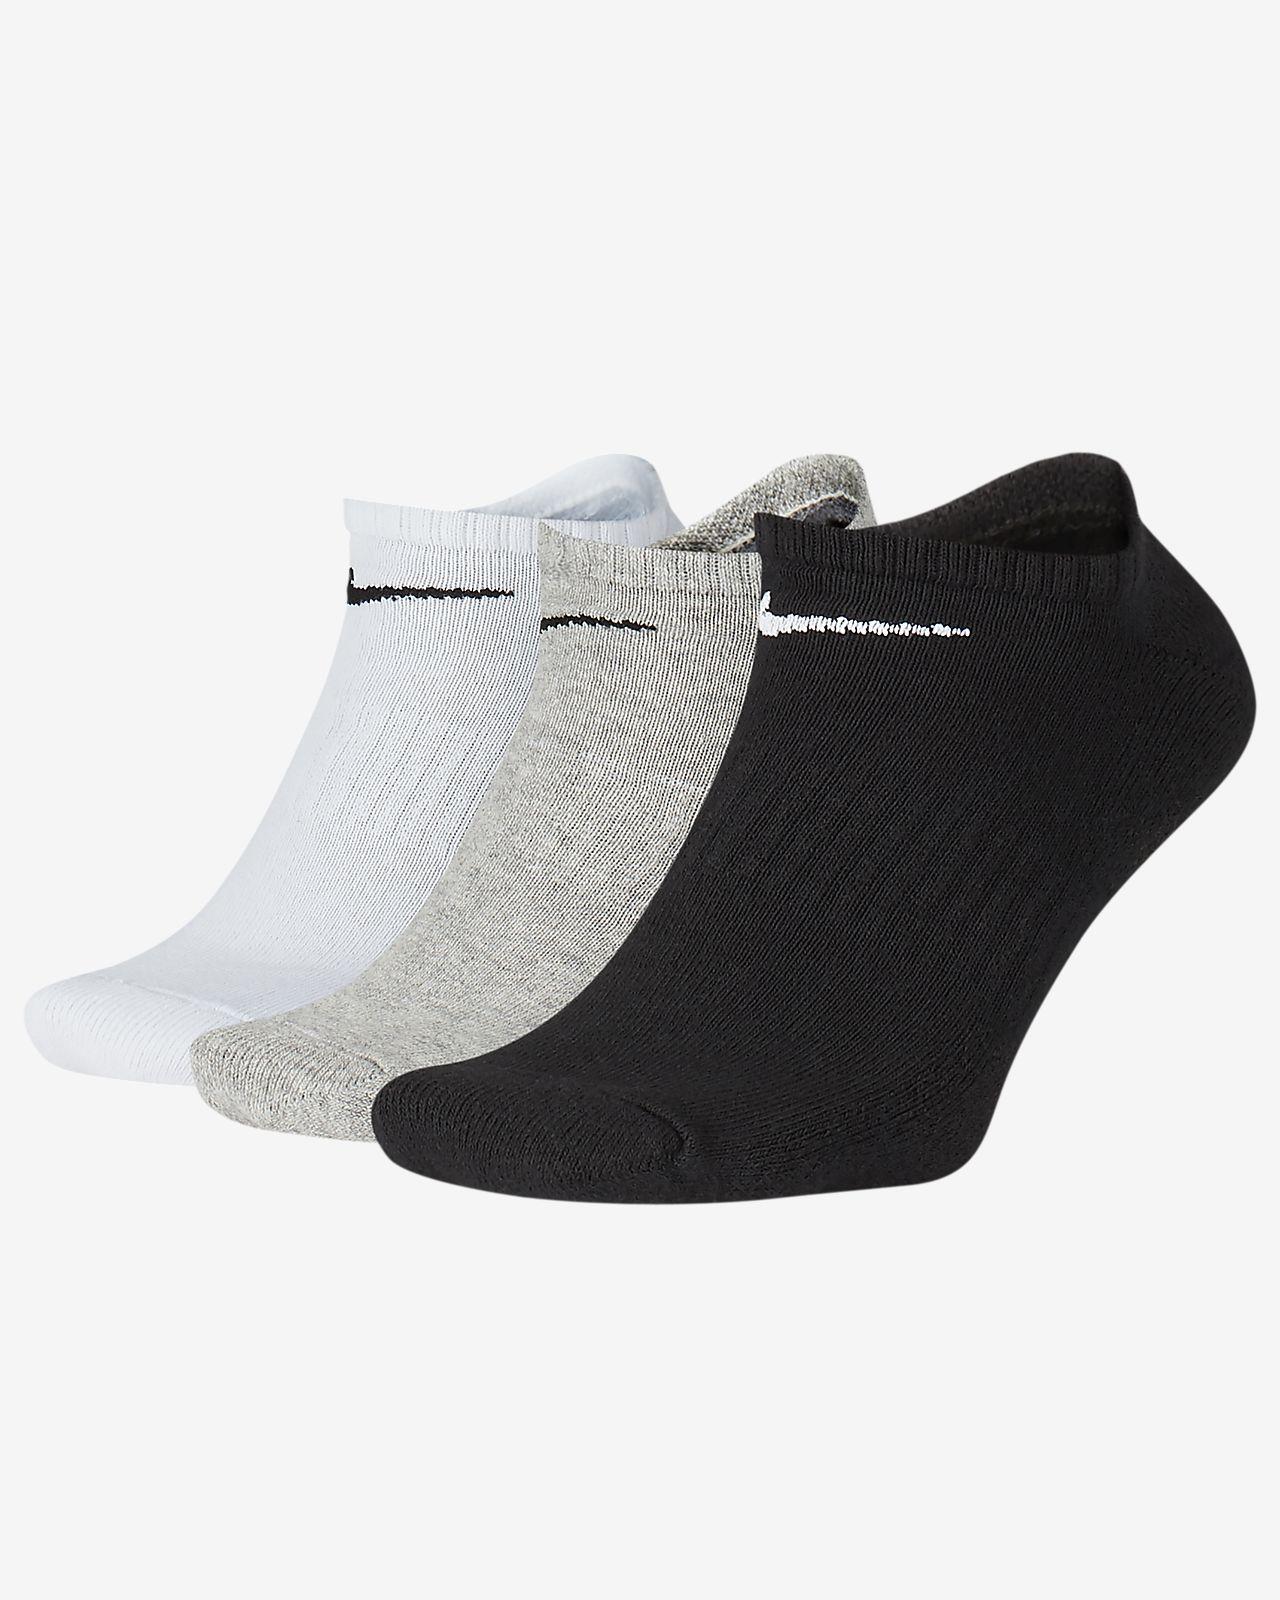 Nike Everyday Cushioned Calcetines cortos de entrenamiento (3 pares)